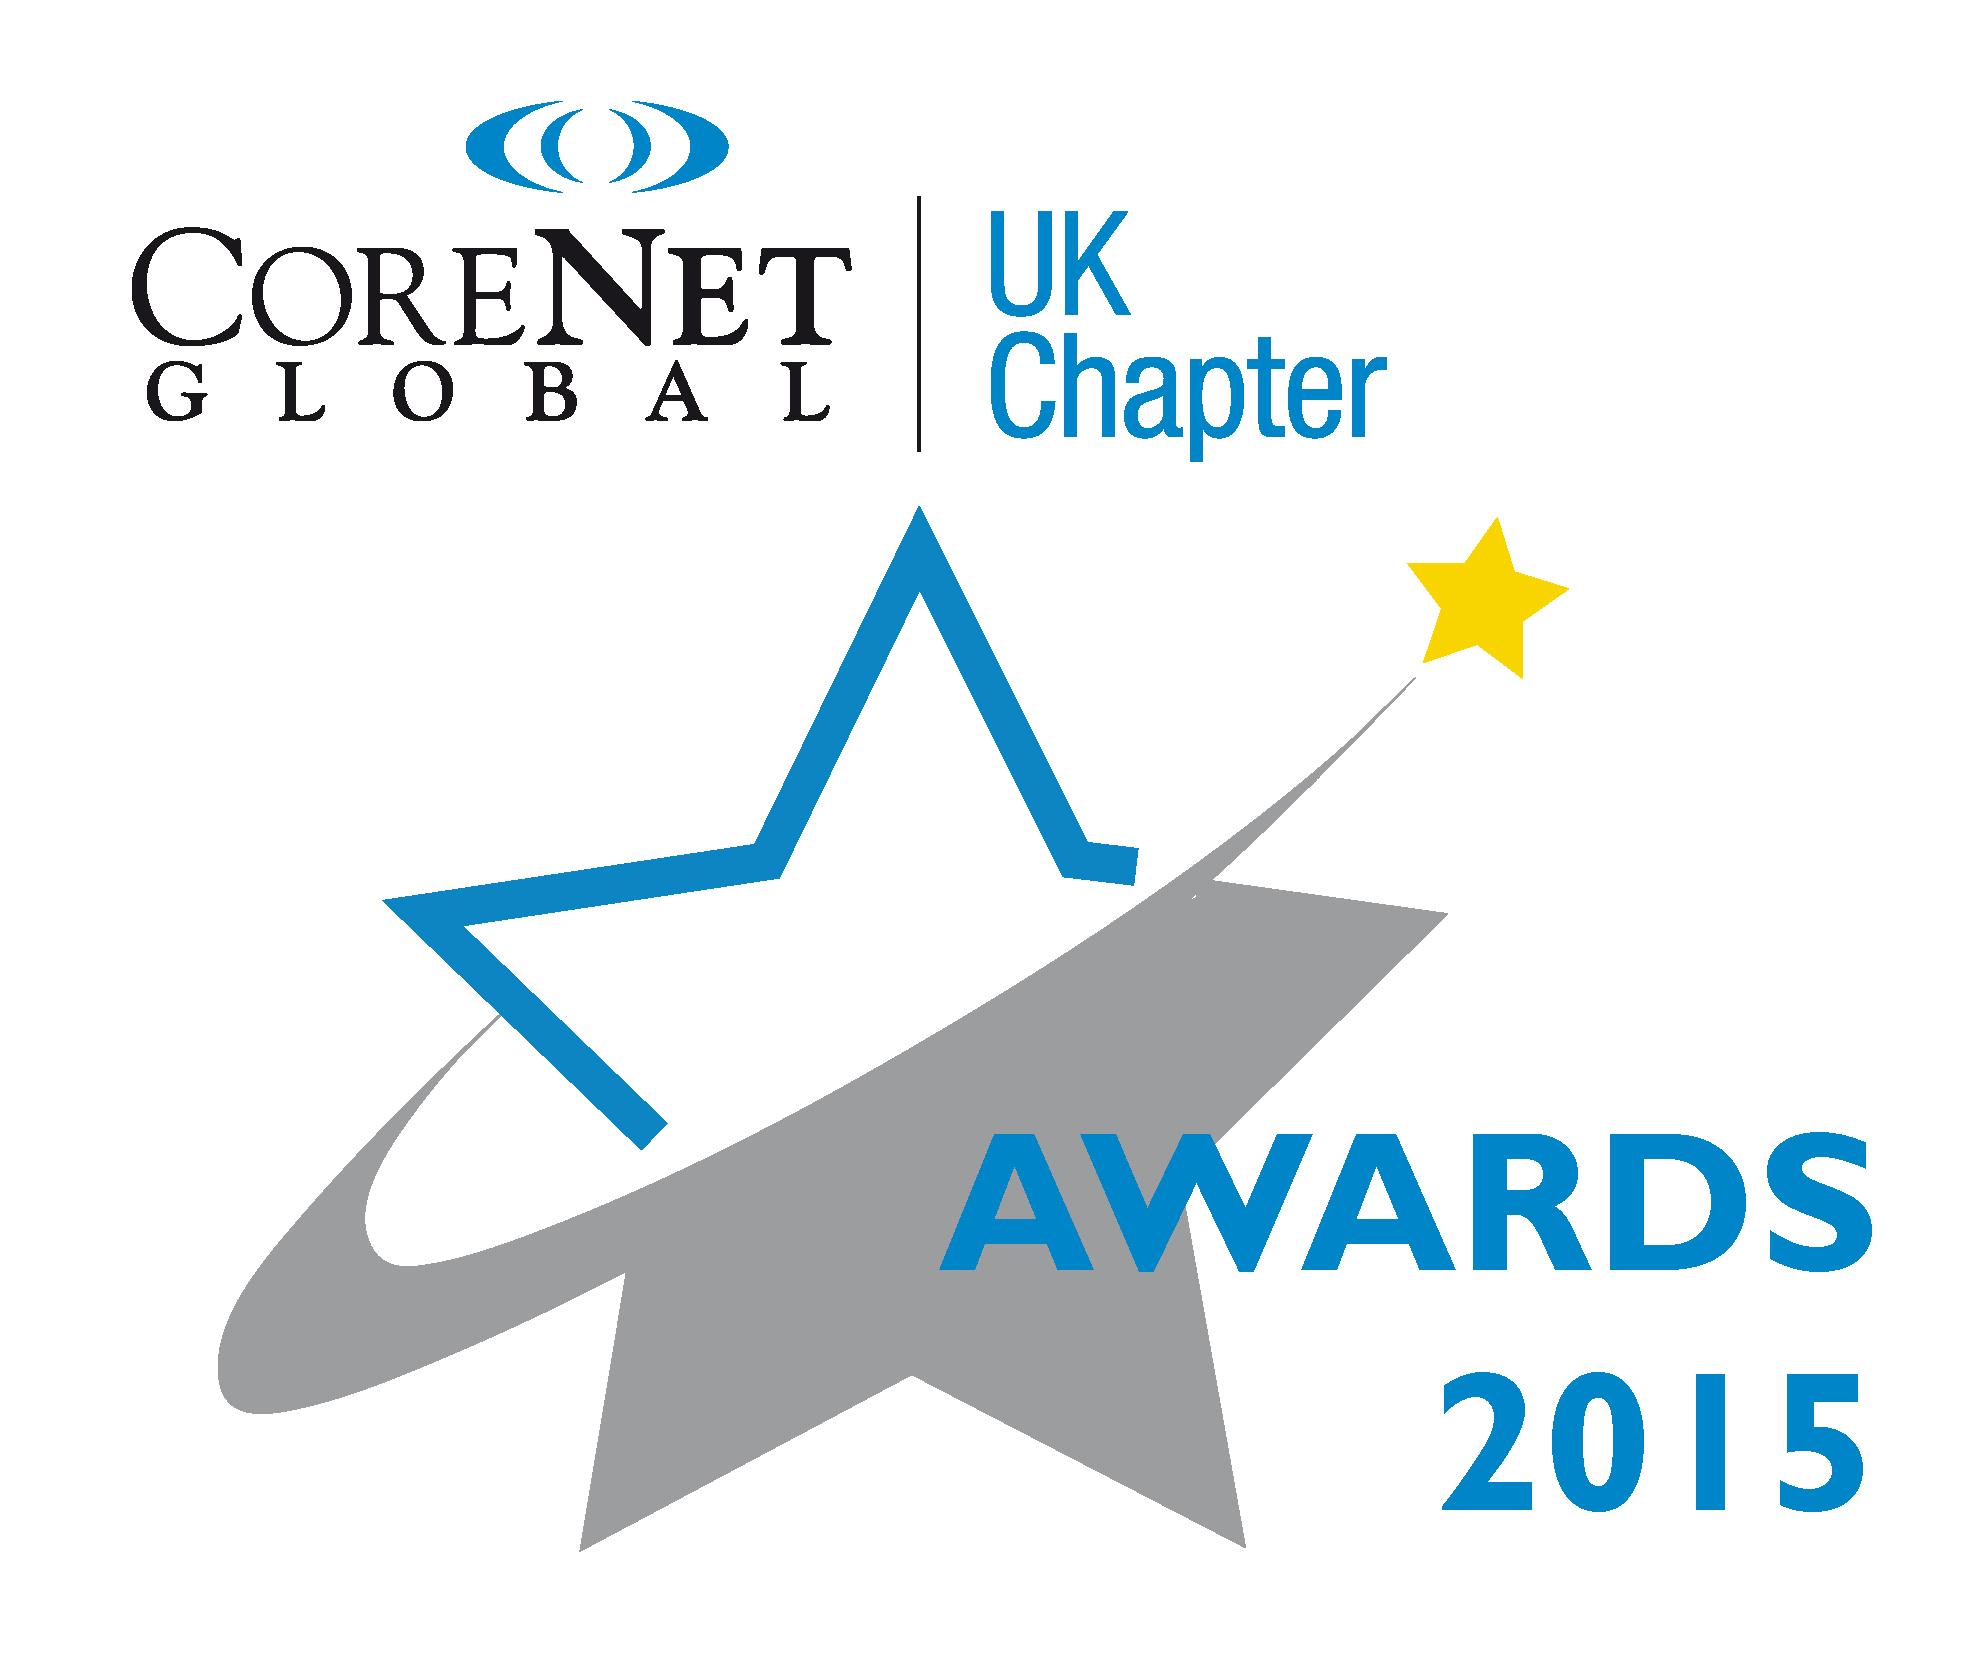 Awards - United Kingdom